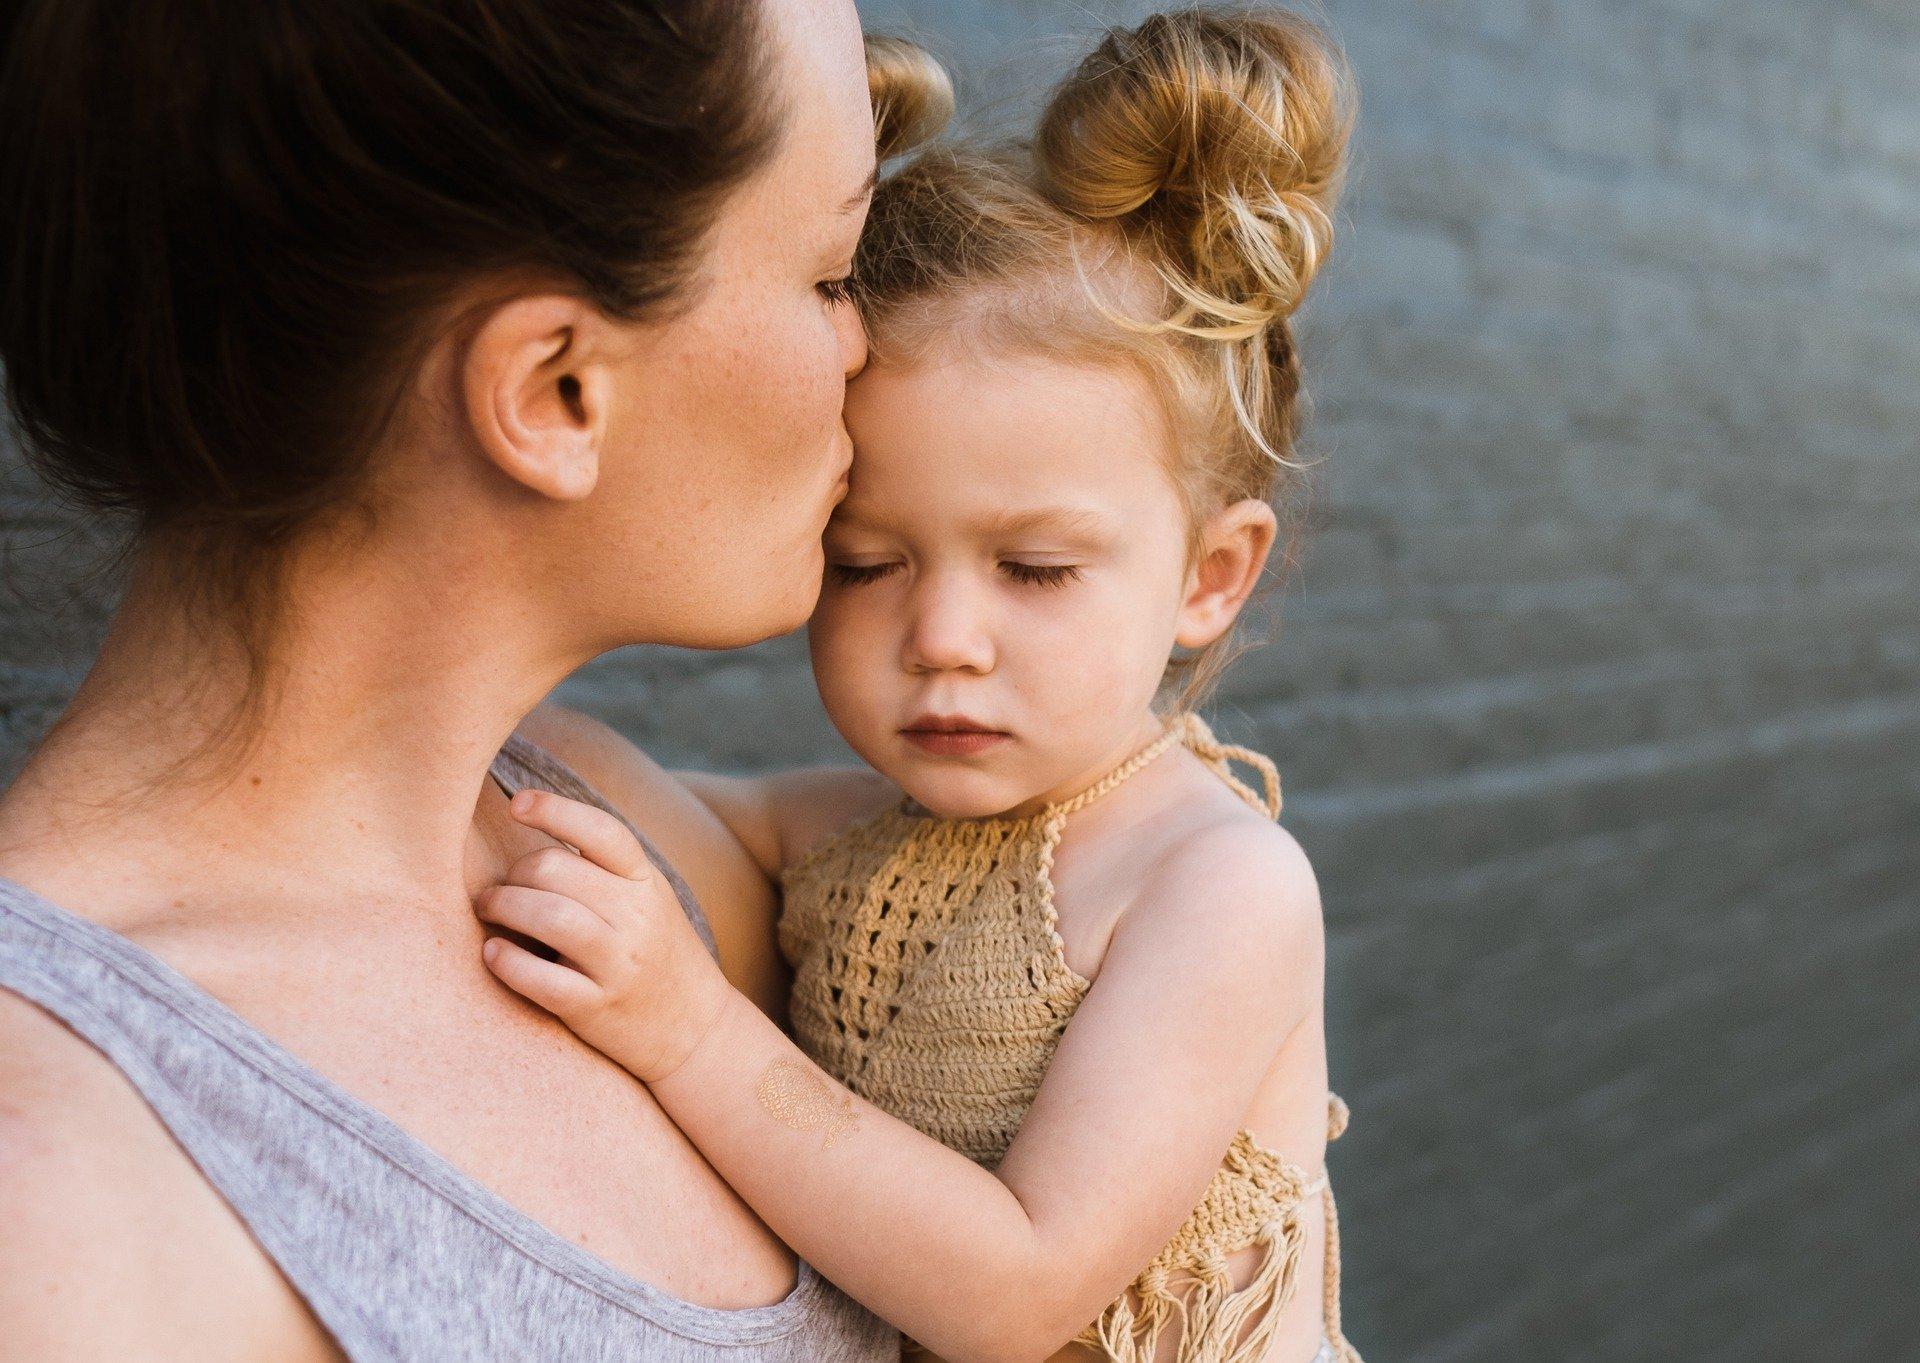 Surrogate Parenthood